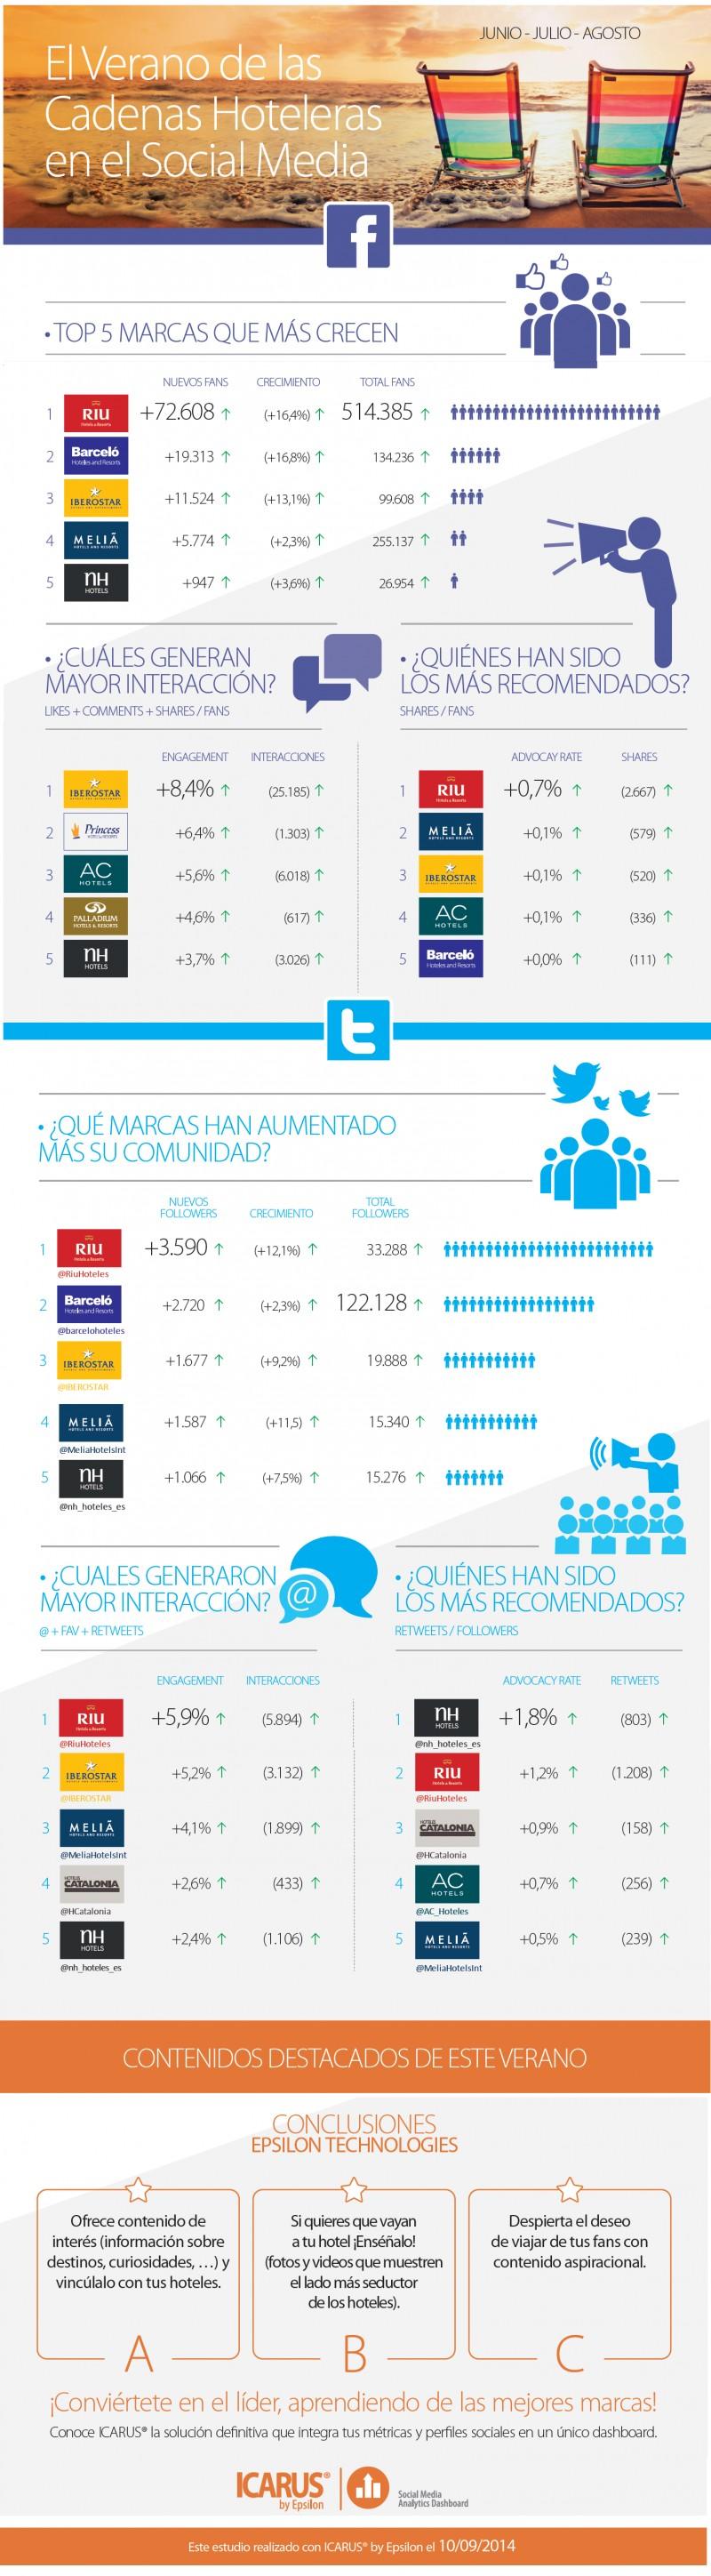 Top 5 cadenas hoteleras españolas que mas han crecido en social media en verano. #Turismo #SocialMedia #Hoteles